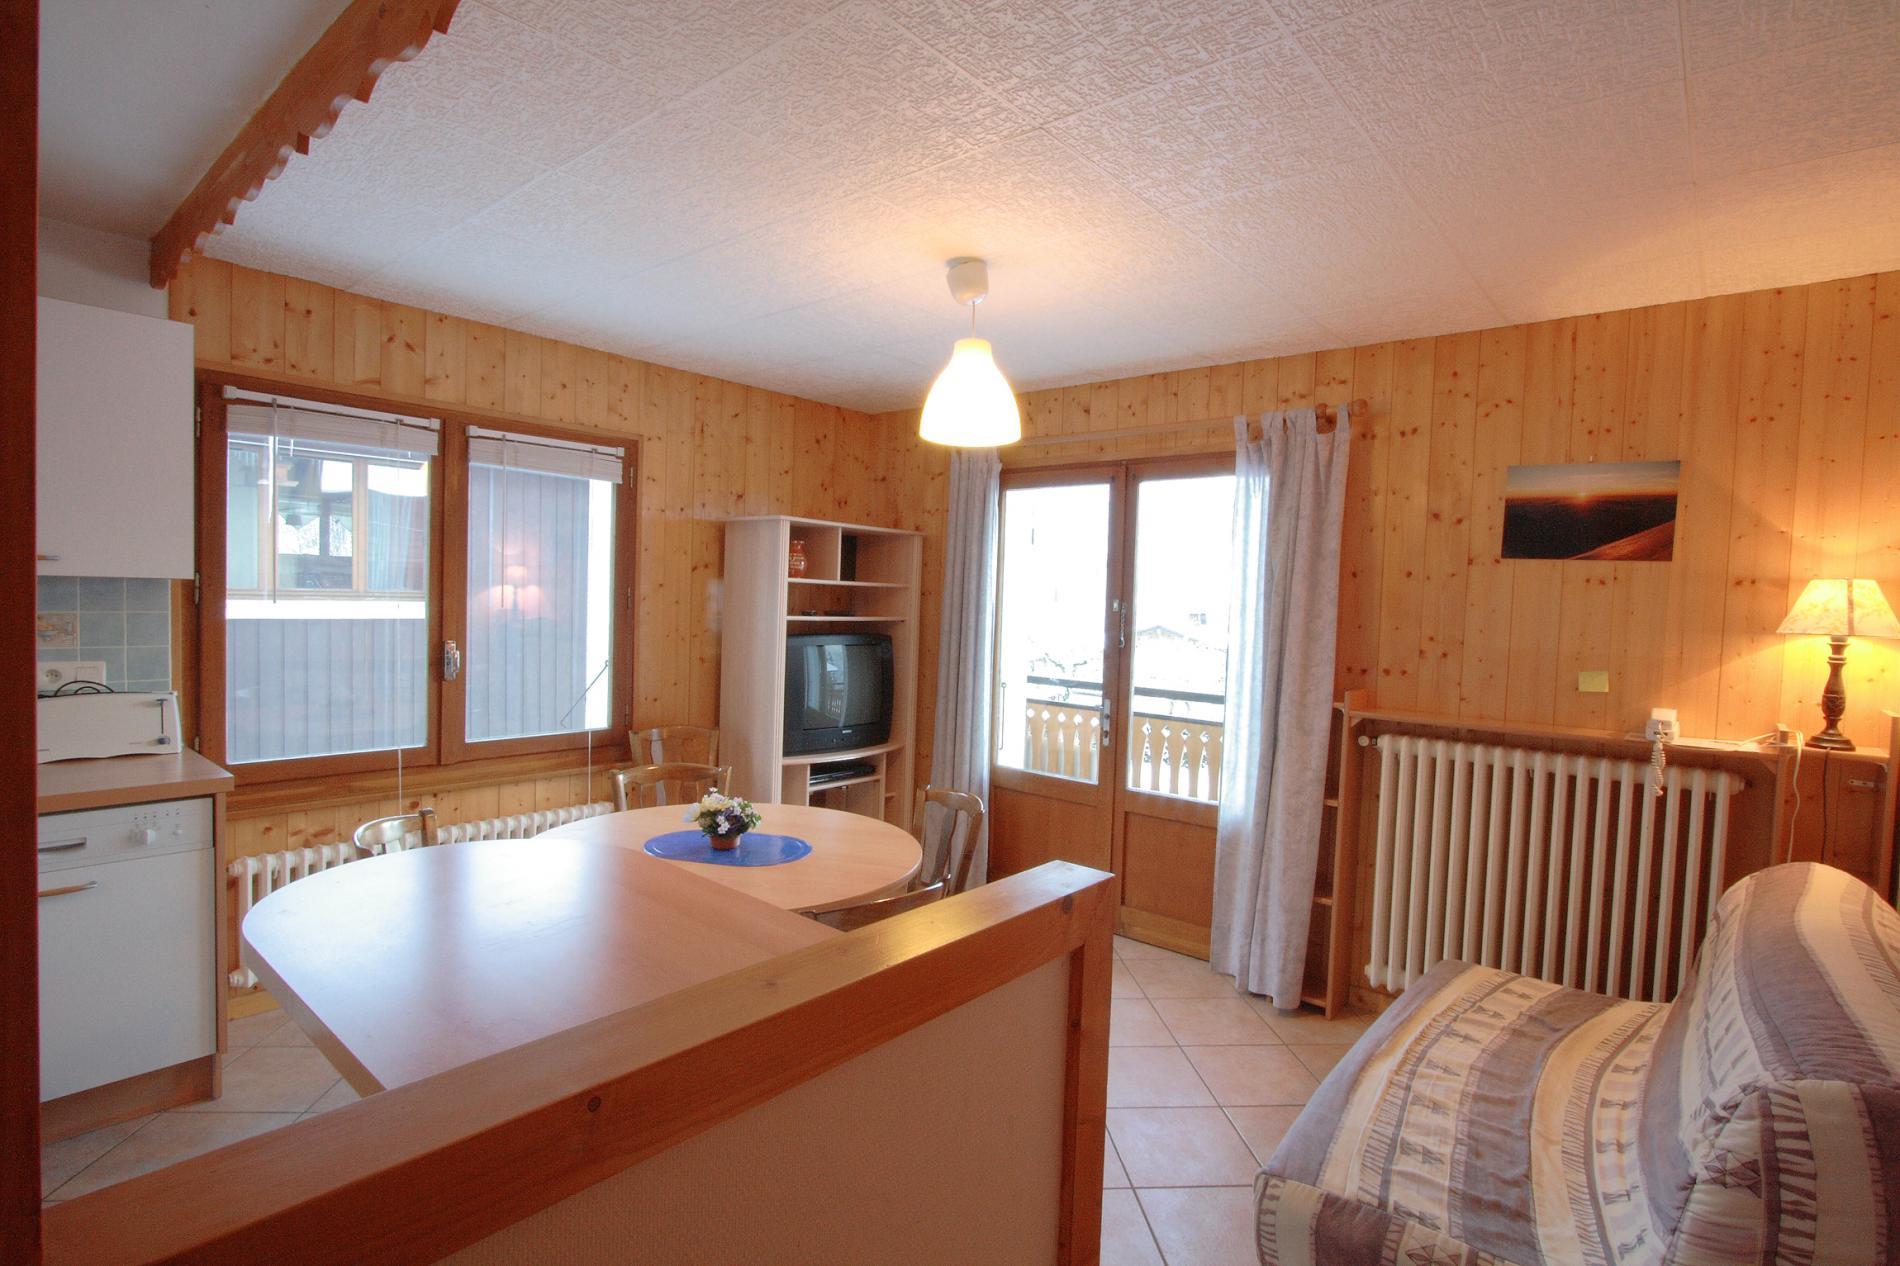 Gite Mésange - 45m² - 2 bedrooms - 5 pers - 1st floor